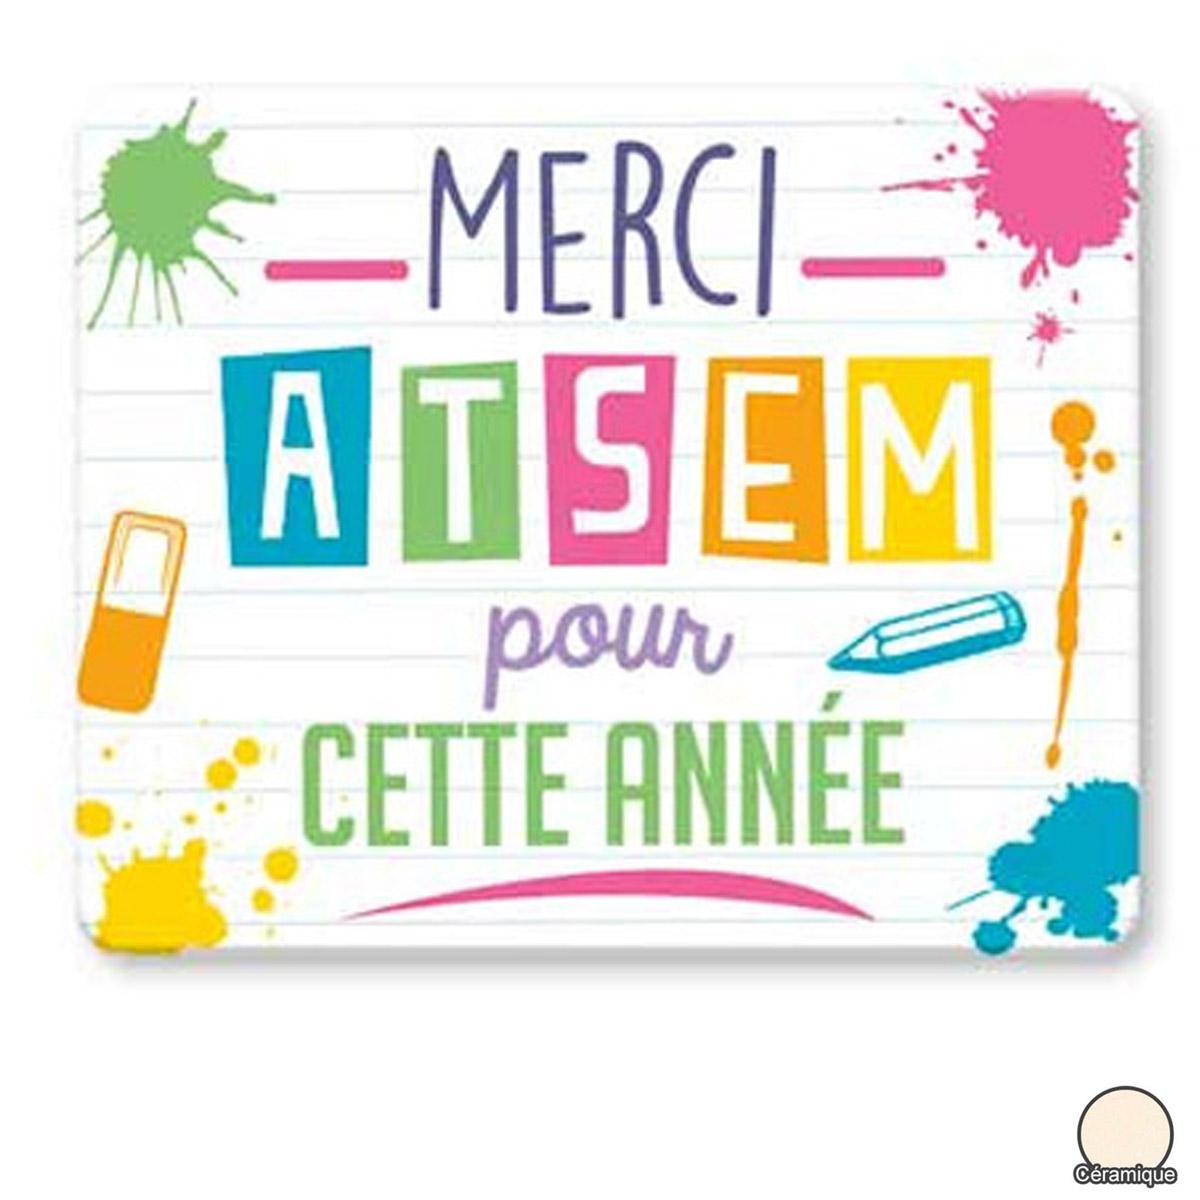 Magnet céramique \'Messages\' multicolore (Merci Atsem pour cette année) - 8x6 cm - [R2537]